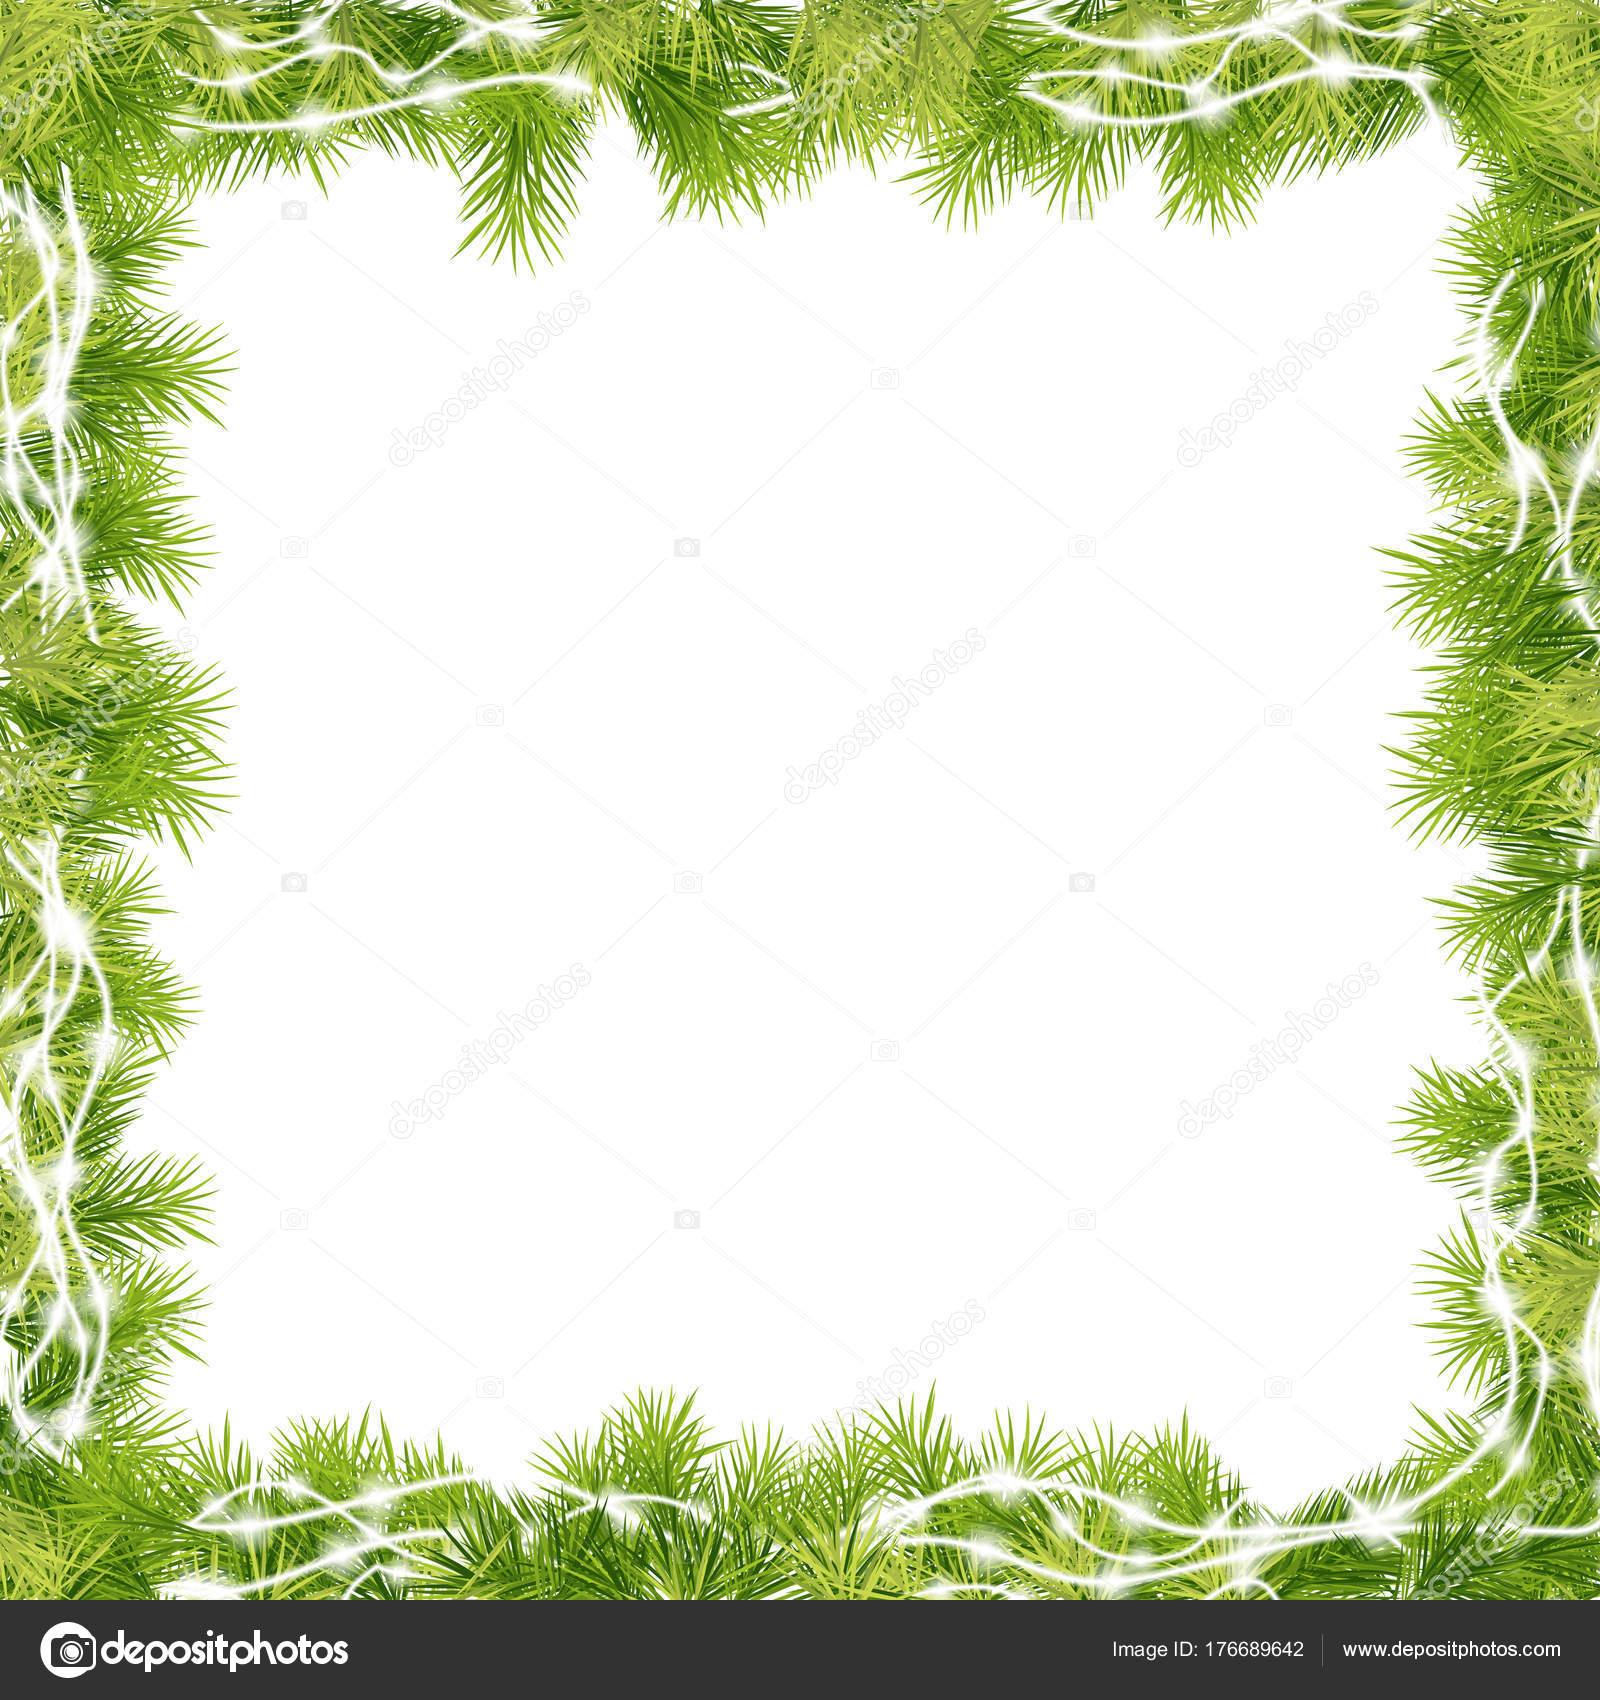 Marcos Para Fotos De Arbol De Navidad.Marco Arbol Abeto Para Navidad Vector De Stock C Robisklp